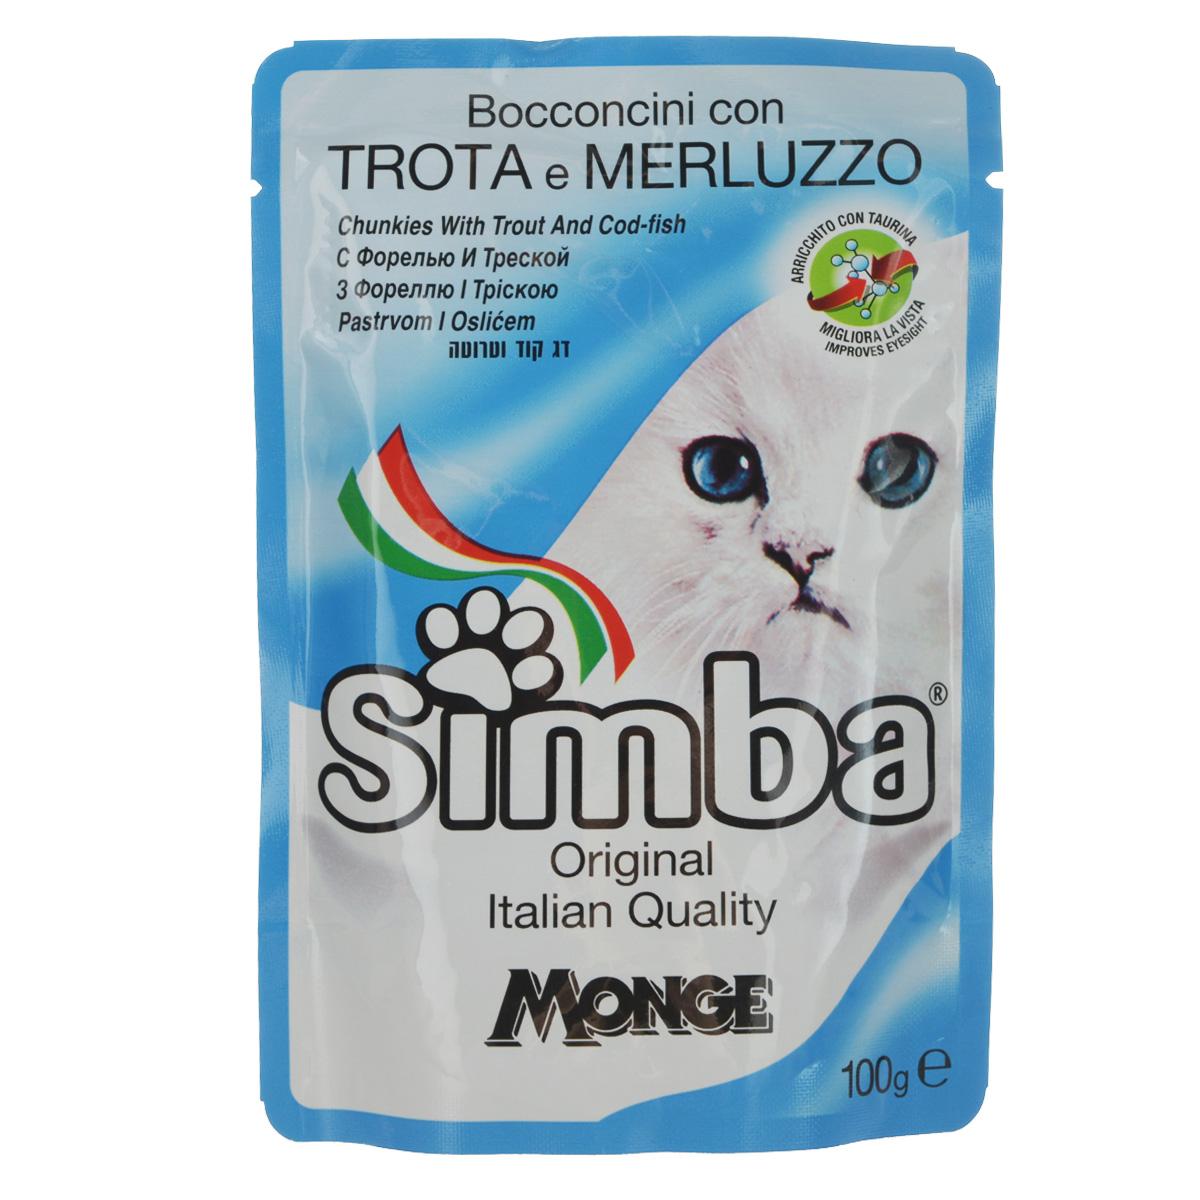 Консервы Monge Simba для взрослых кошек, с форелью и треской, 100 г70009362Консервы Monge Simba для взрослых кошек тщательно приготовлены из итальянского мяса и рыбы. Без добавления консервантов и антиоксидантов. Экологически чистое производство гарантирует высочайшее качество и длительные сроки хранения консервов. Тщательный отбор сырья и содержащийся в нем полный набор витаминов и микроэлементов обеспечивает отличную усвояемость и отсутствие проблем с пищеварением у ваших любимых питомцев. Состав: рыба и рыбные субпродукты 13%, (форель мин. 4,2%, треска мин. 4,2%), минеральные вещества, витамины. Пищевая ценность: протеин 8,0%, жир 5,0%, зола 2,2%, клетчатка 1,0%, влажность 82%. Витамины: витамин А 2000 МЕ/кг, витамин D3 200 МЕ/кг, витамин Е (альфа- токоферол 91%) 5 мг/кг. Товар сертифицирован.